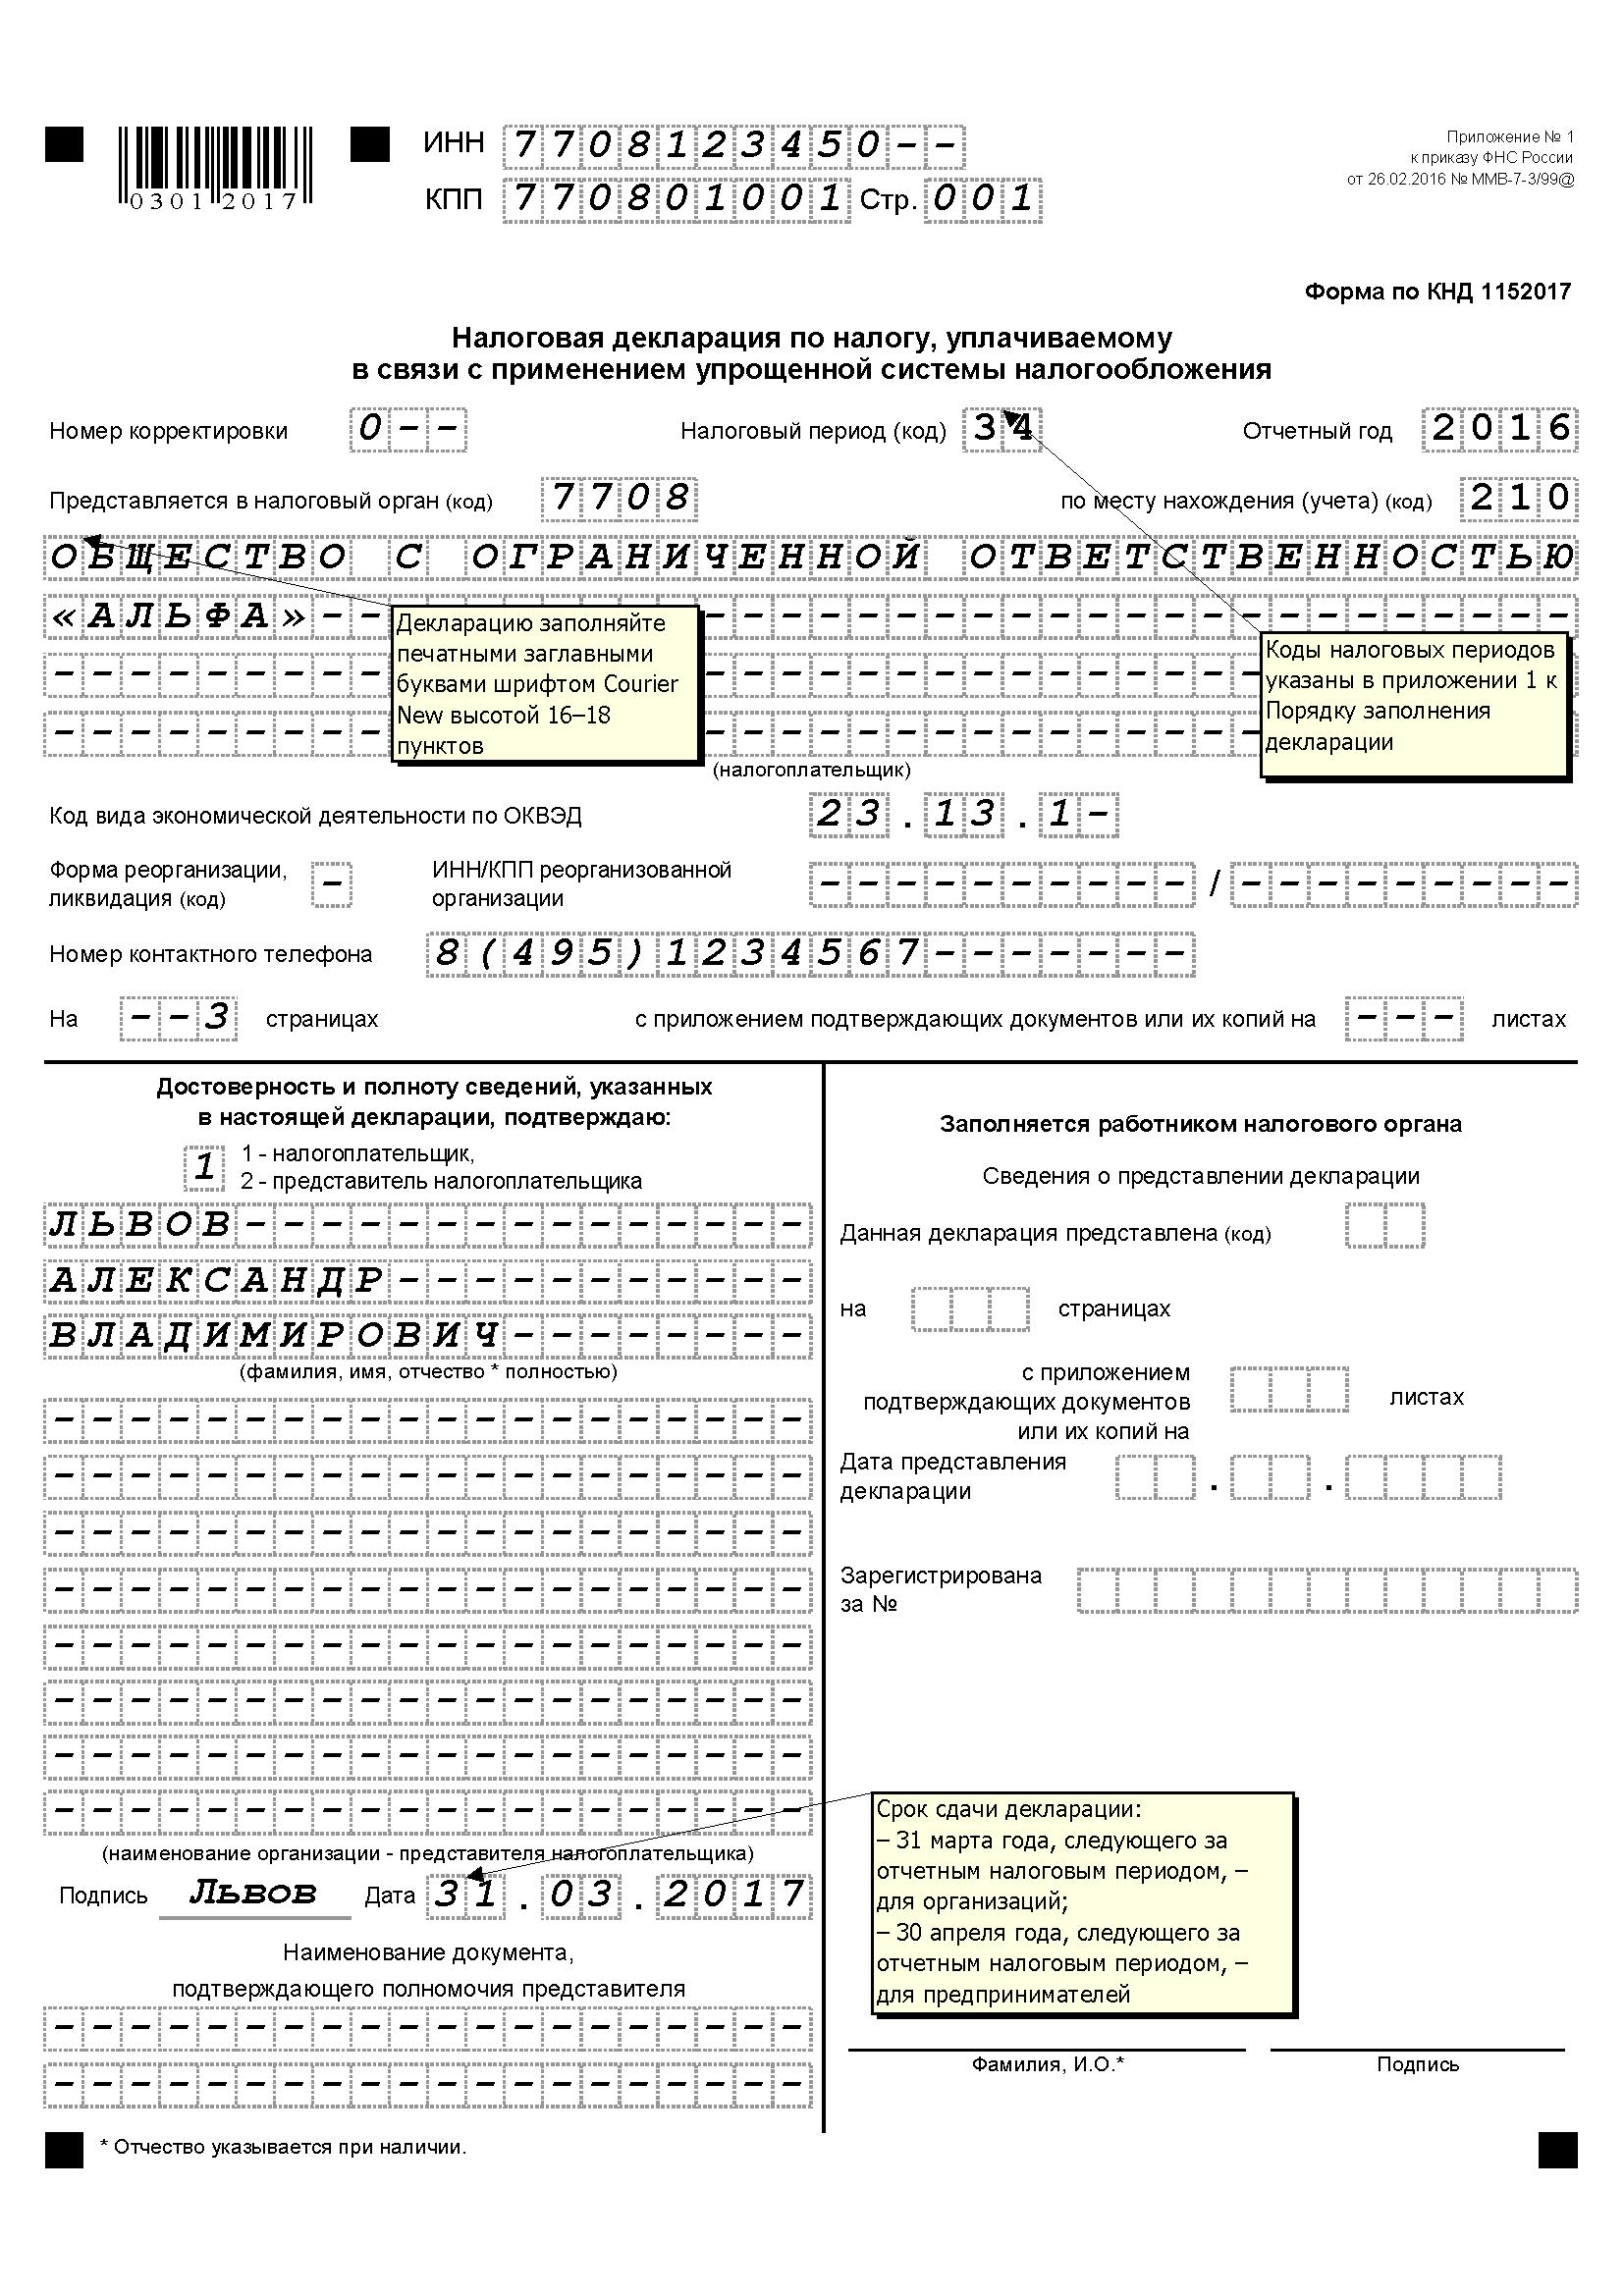 бланк налоговой декларации 2012года ндфл-3